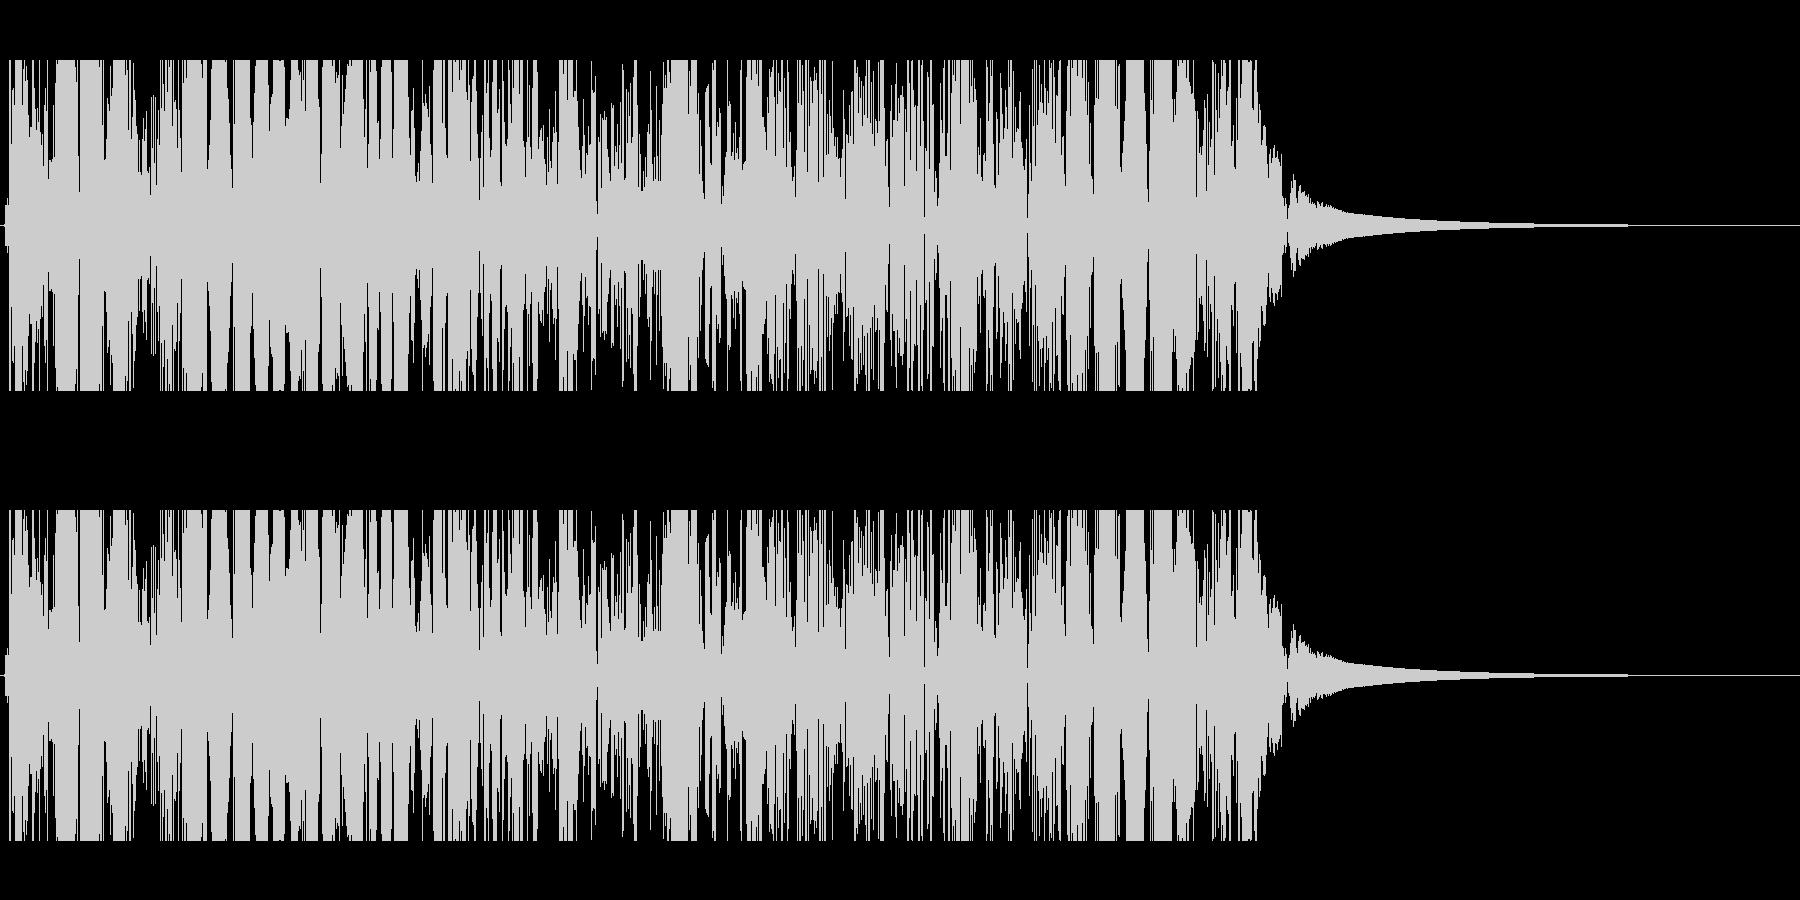 ズバッと斬る_08(刀・刺す・斬撃系)の未再生の波形